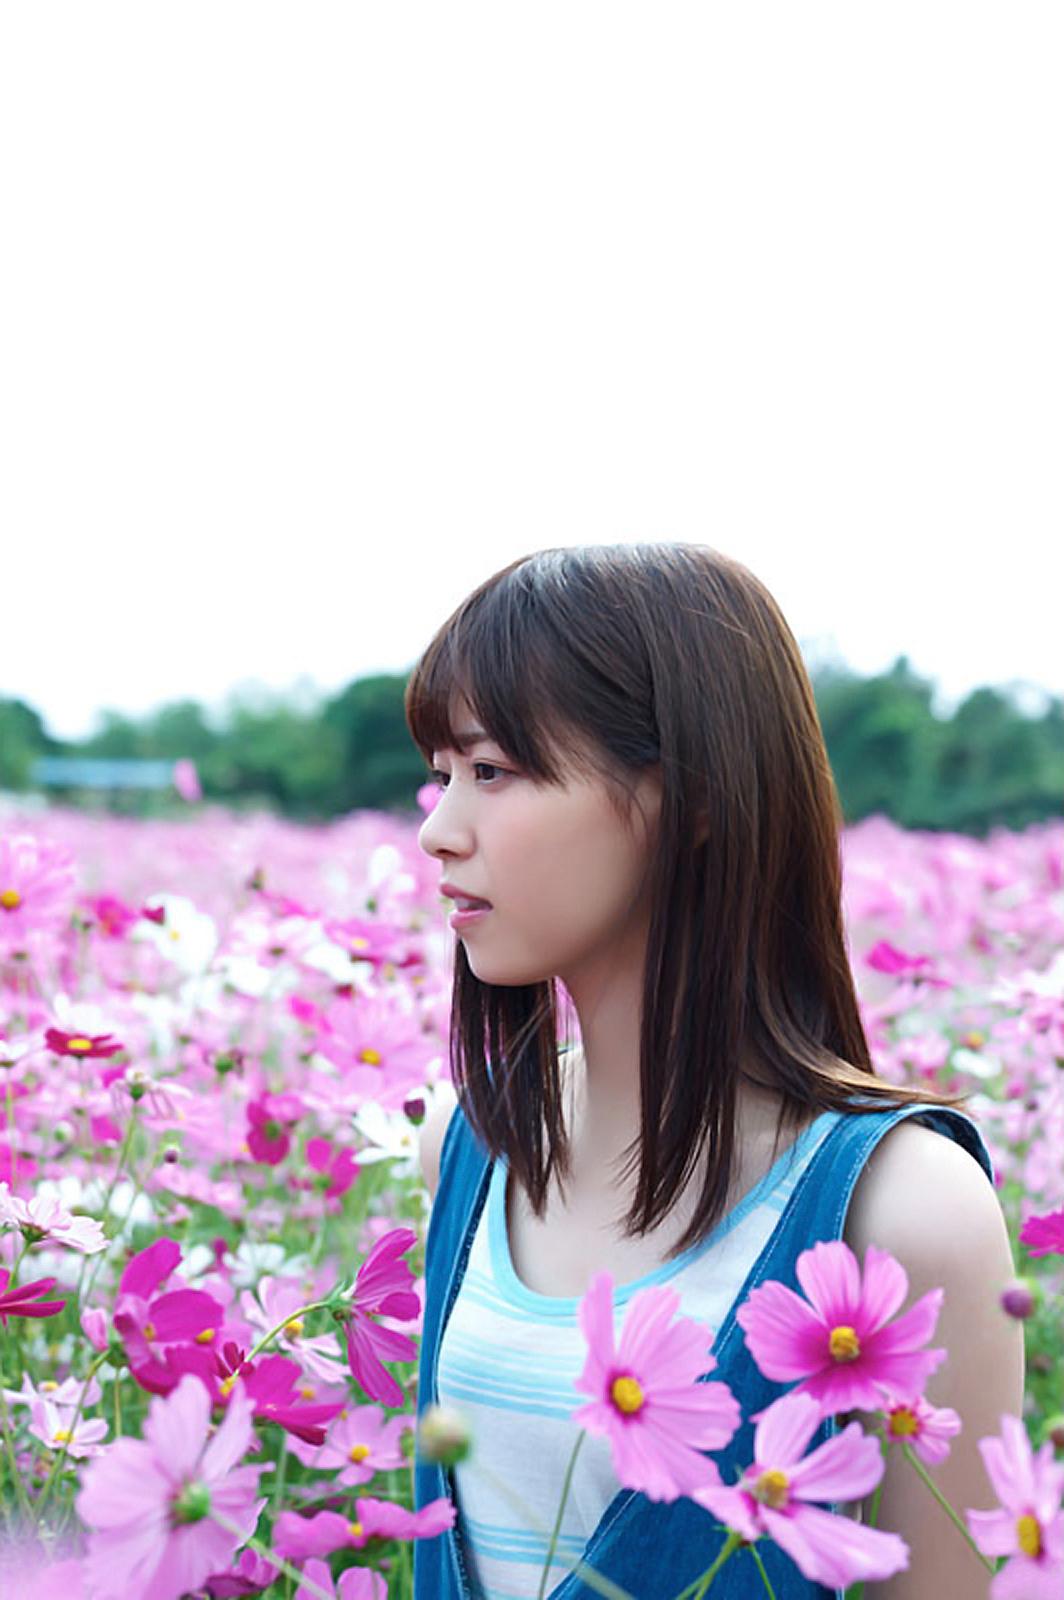 西野七瀬の画像 p1_22